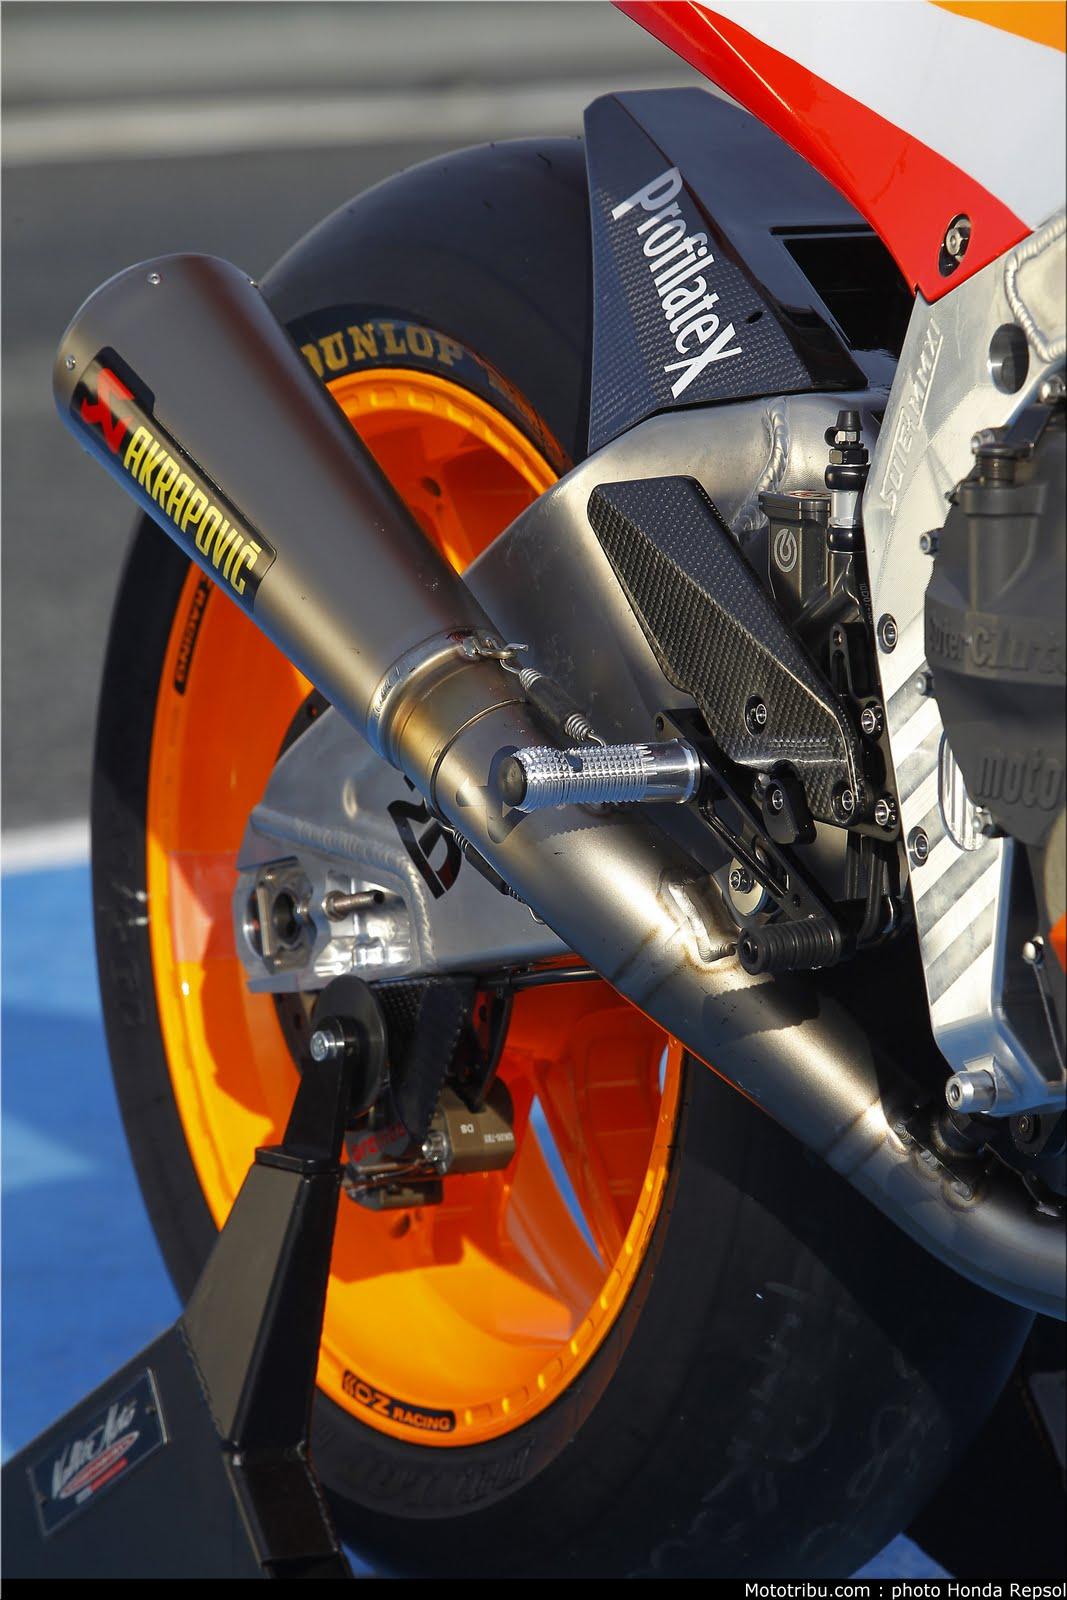 Machines de courses ( Race bikes ) - Page 7 Suter%2BMMX%2BMarquez%2B2011%2B07